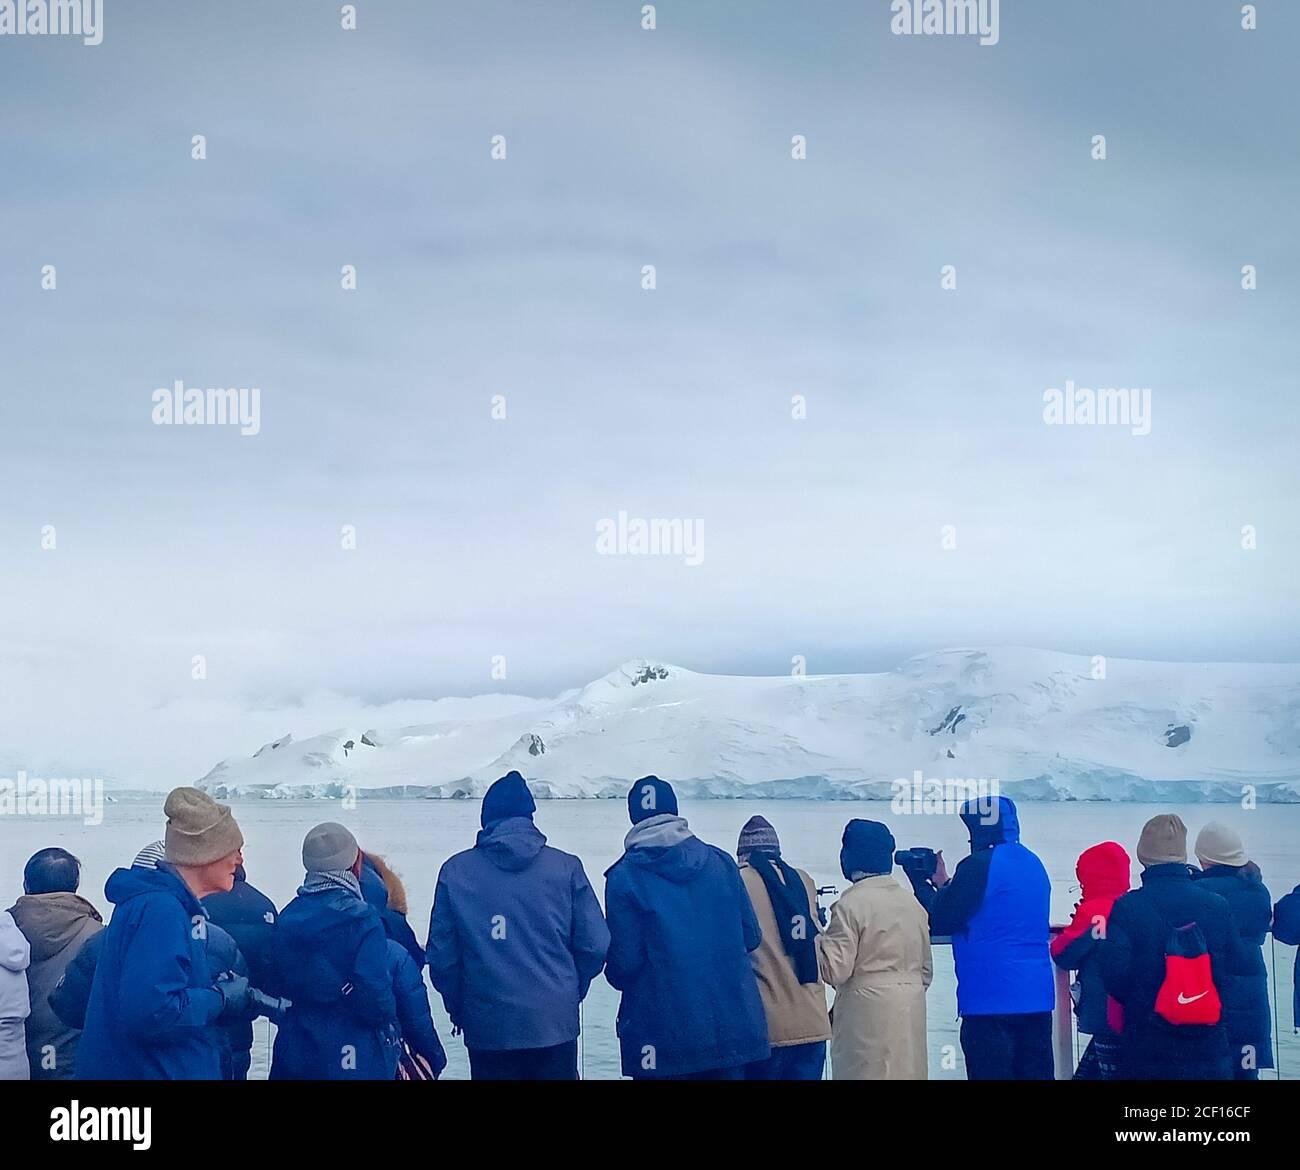 Eine Gruppe von Menschen beobachten Gletscher in der Antarktis Stockfoto